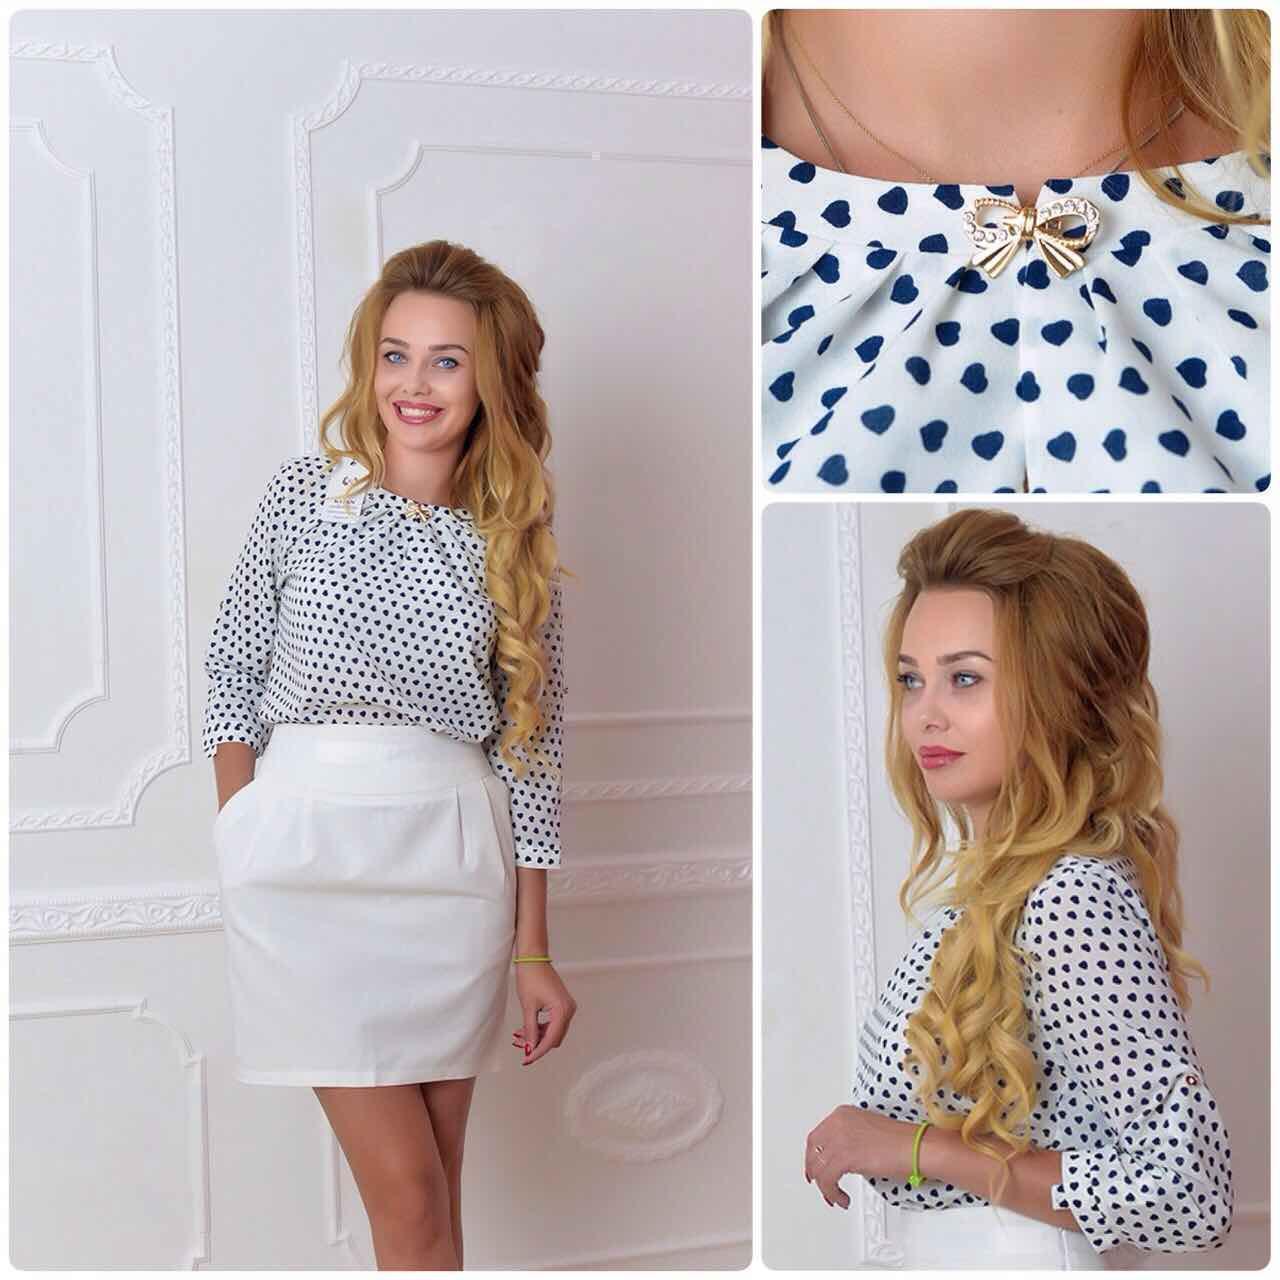 Блузка /блуза с брошью и рукавом 3/4, модель 779 , принт сердечко на белом